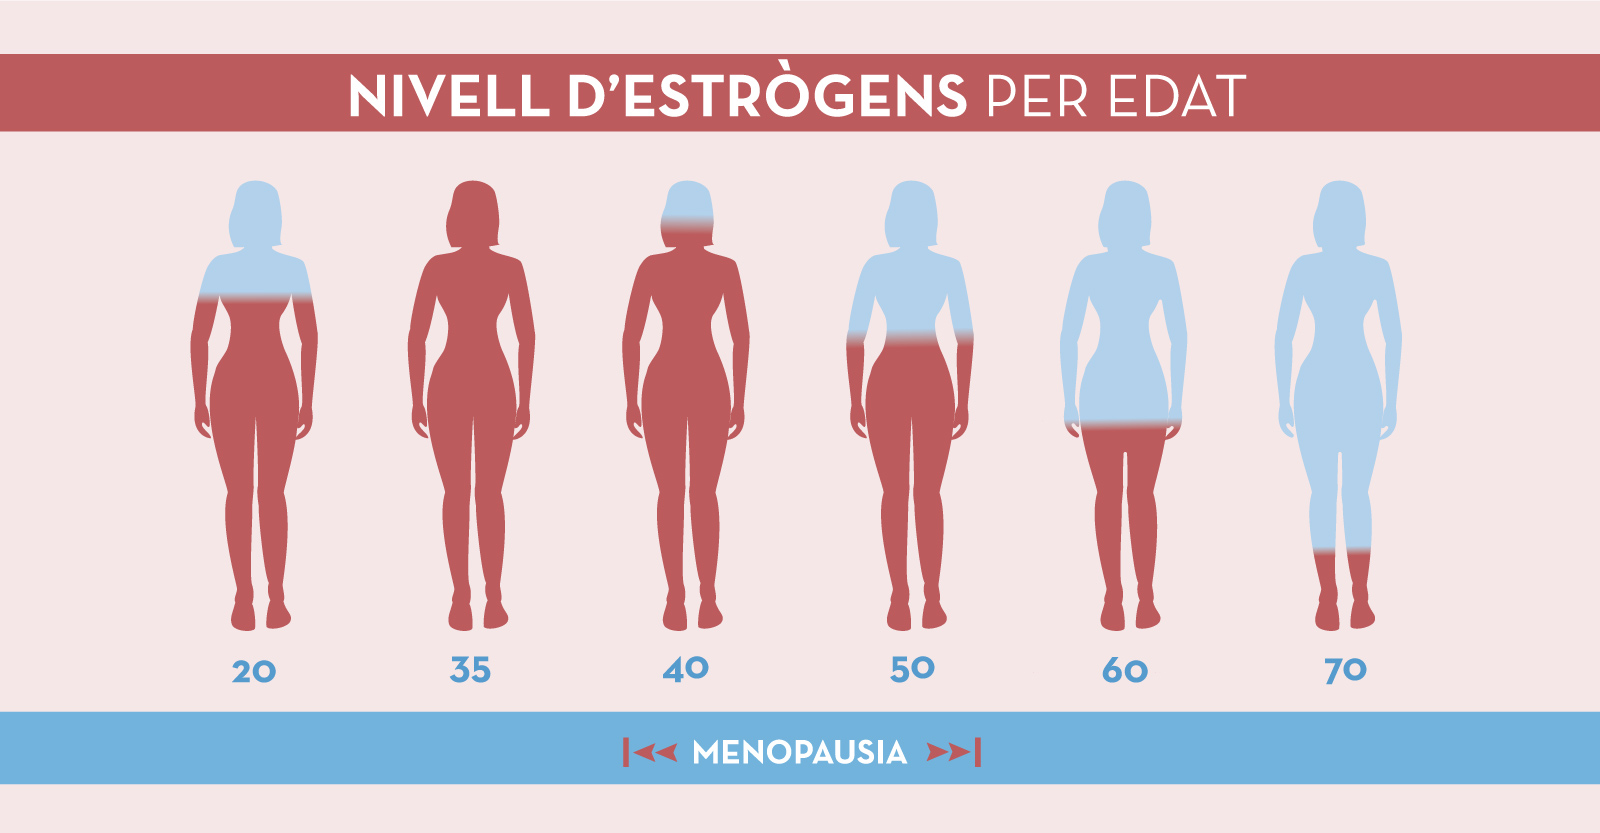 Estrògens i pèrdua de pes en les dones